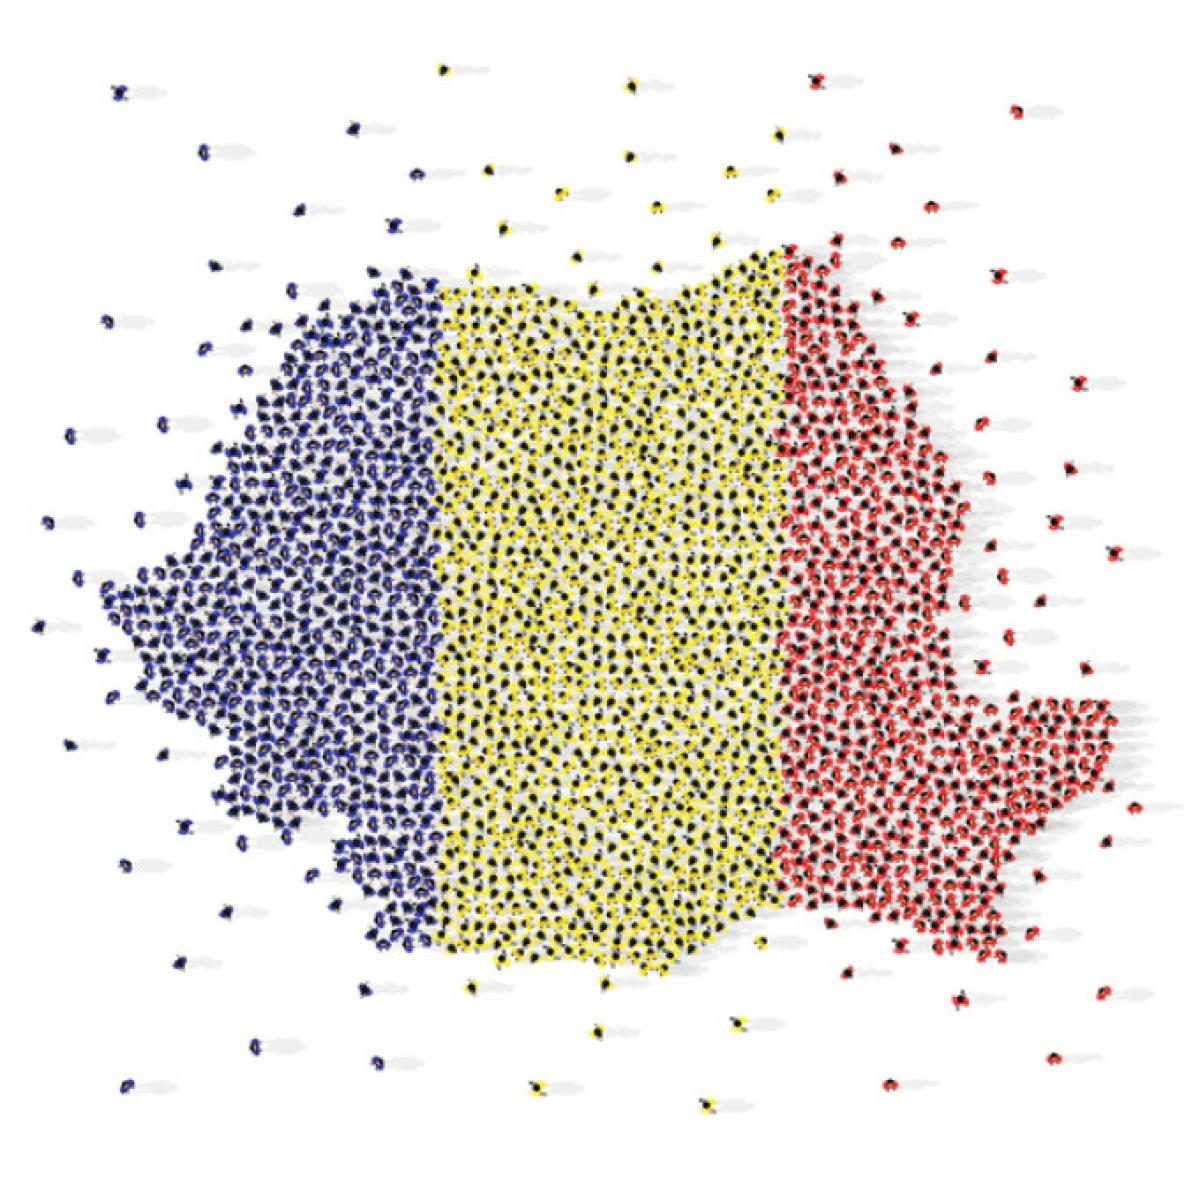 TU ȘTII CARE E NUMĂRUL POPULAȚIEI ROMÂNIEI? CITEȘTE MAI JOS!!!